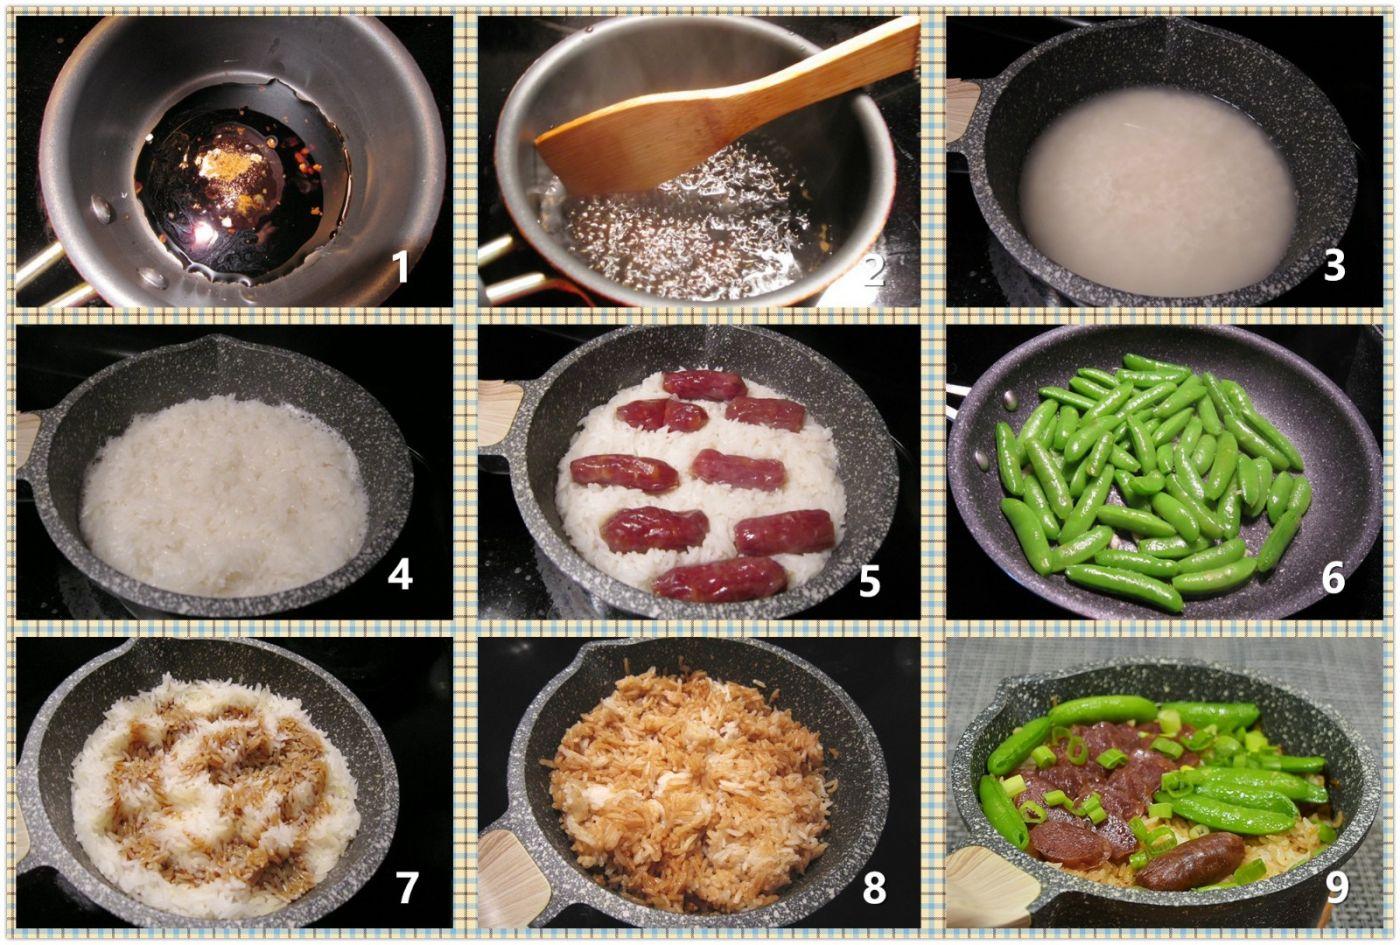 石鍋臘腸飯_圖1-2